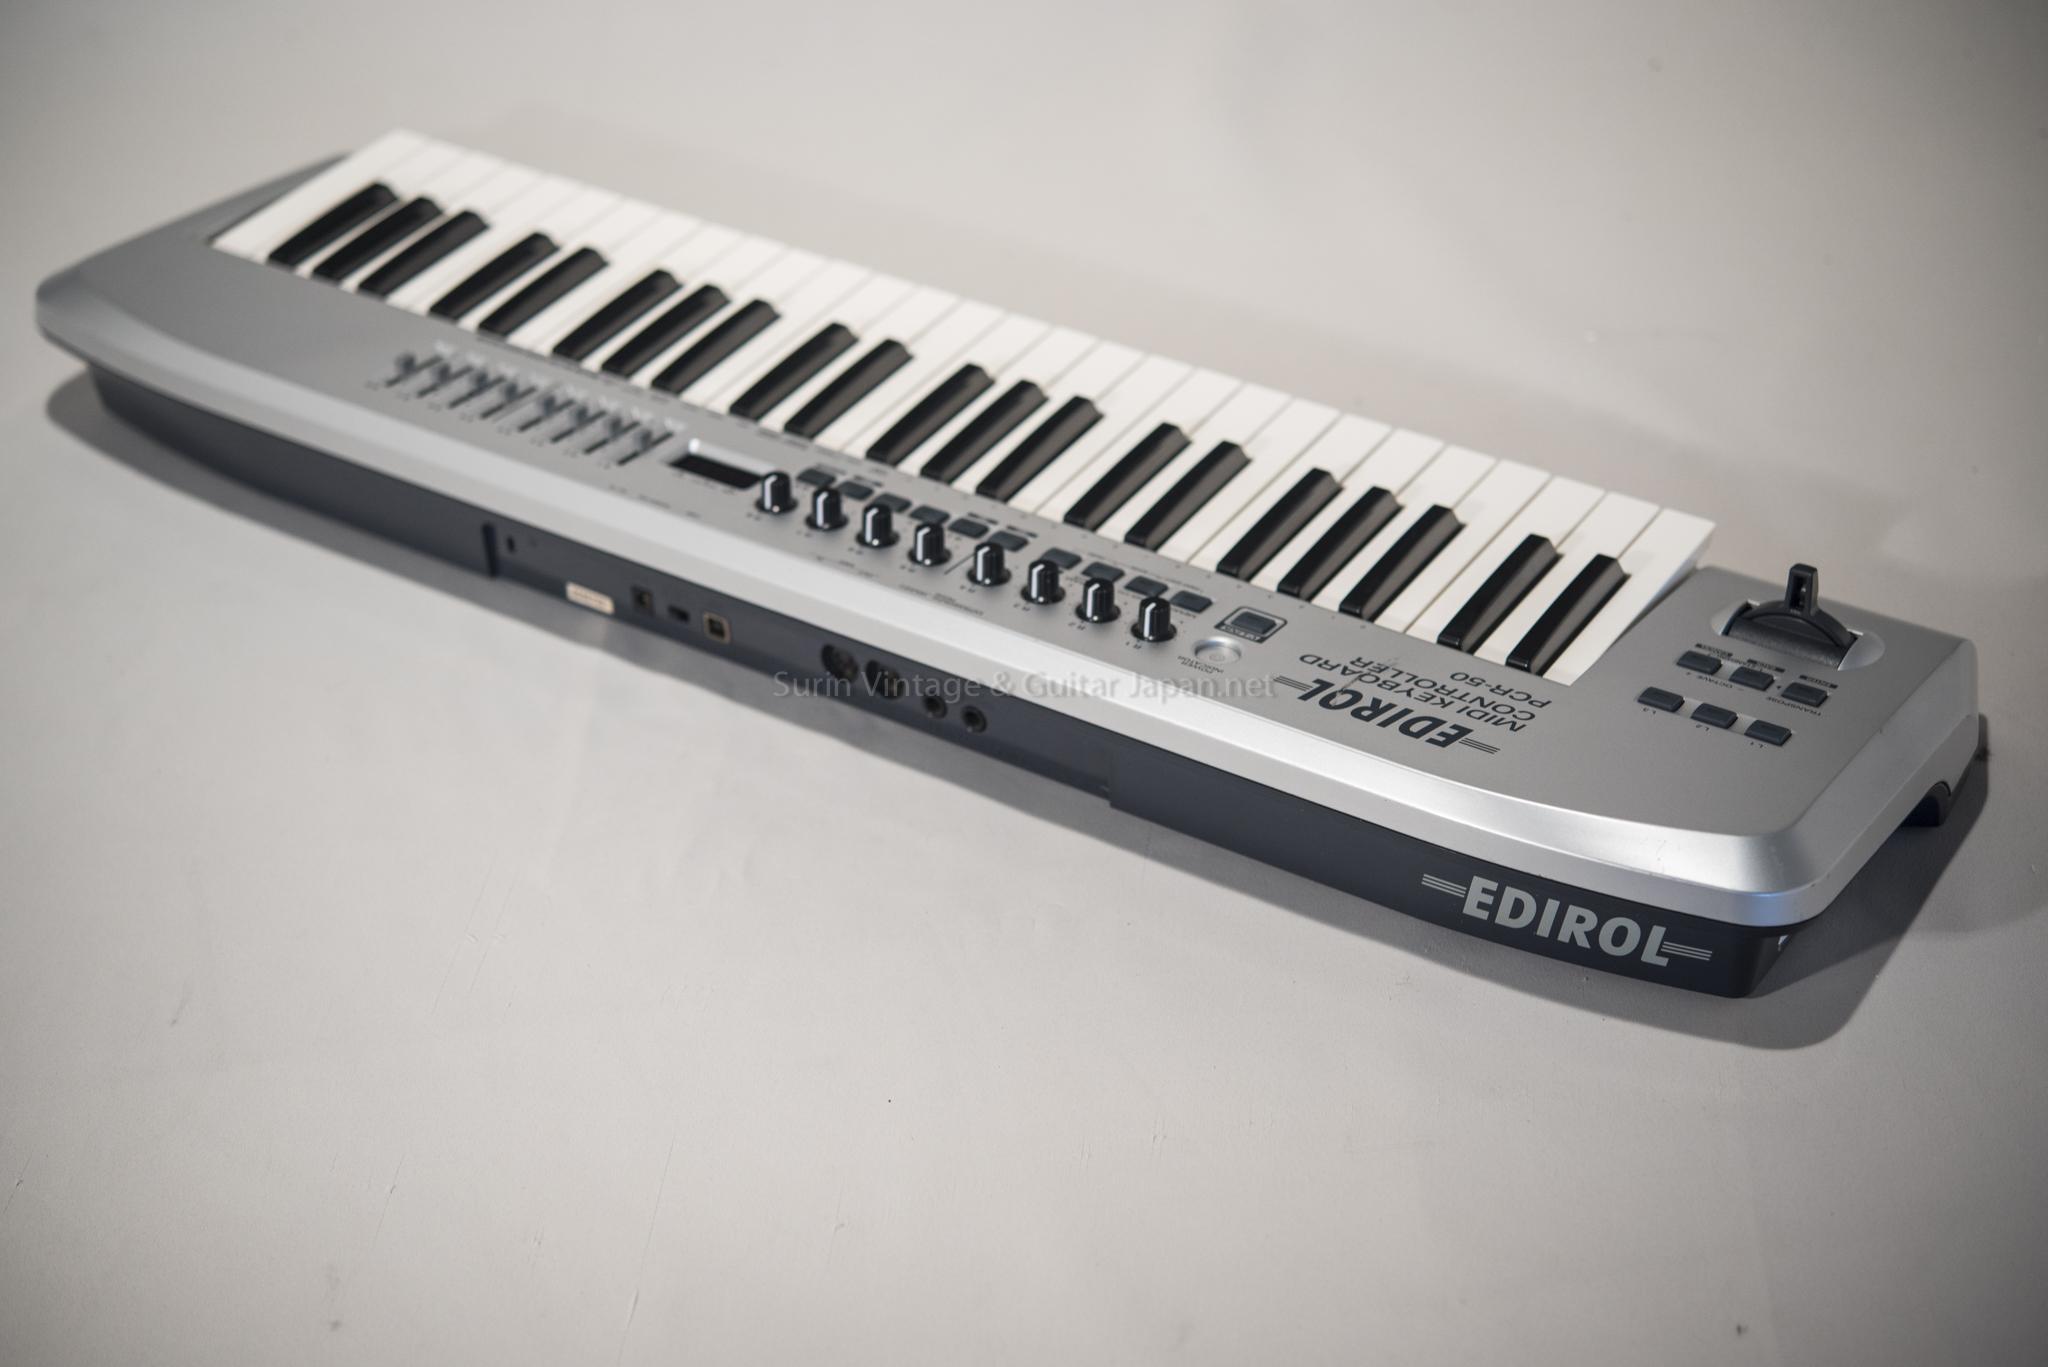 คีบอร์ดมือสอง ROLAND EDIROL PCR-50 Midi Keyboard